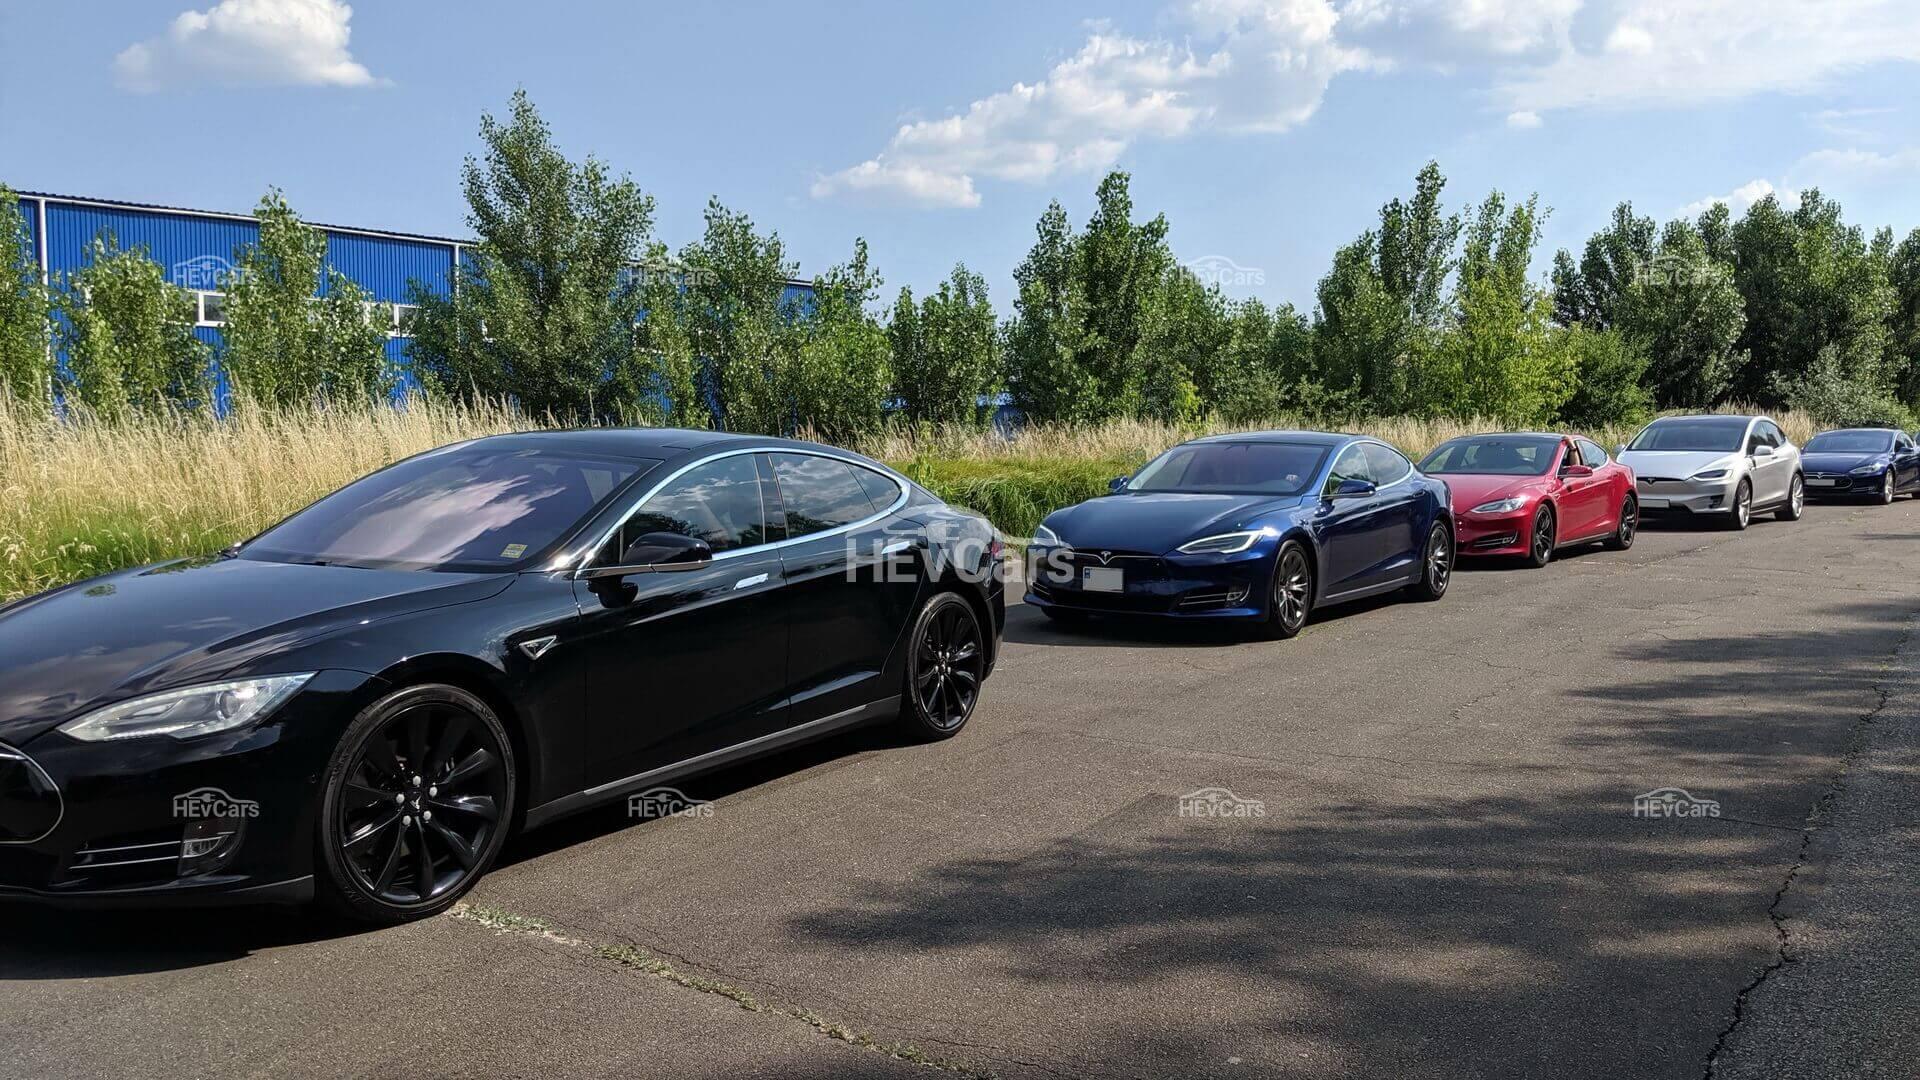 ARK Invest: Продажи электромобилей Tesla вырастут до 3 млн авто к 2023 году